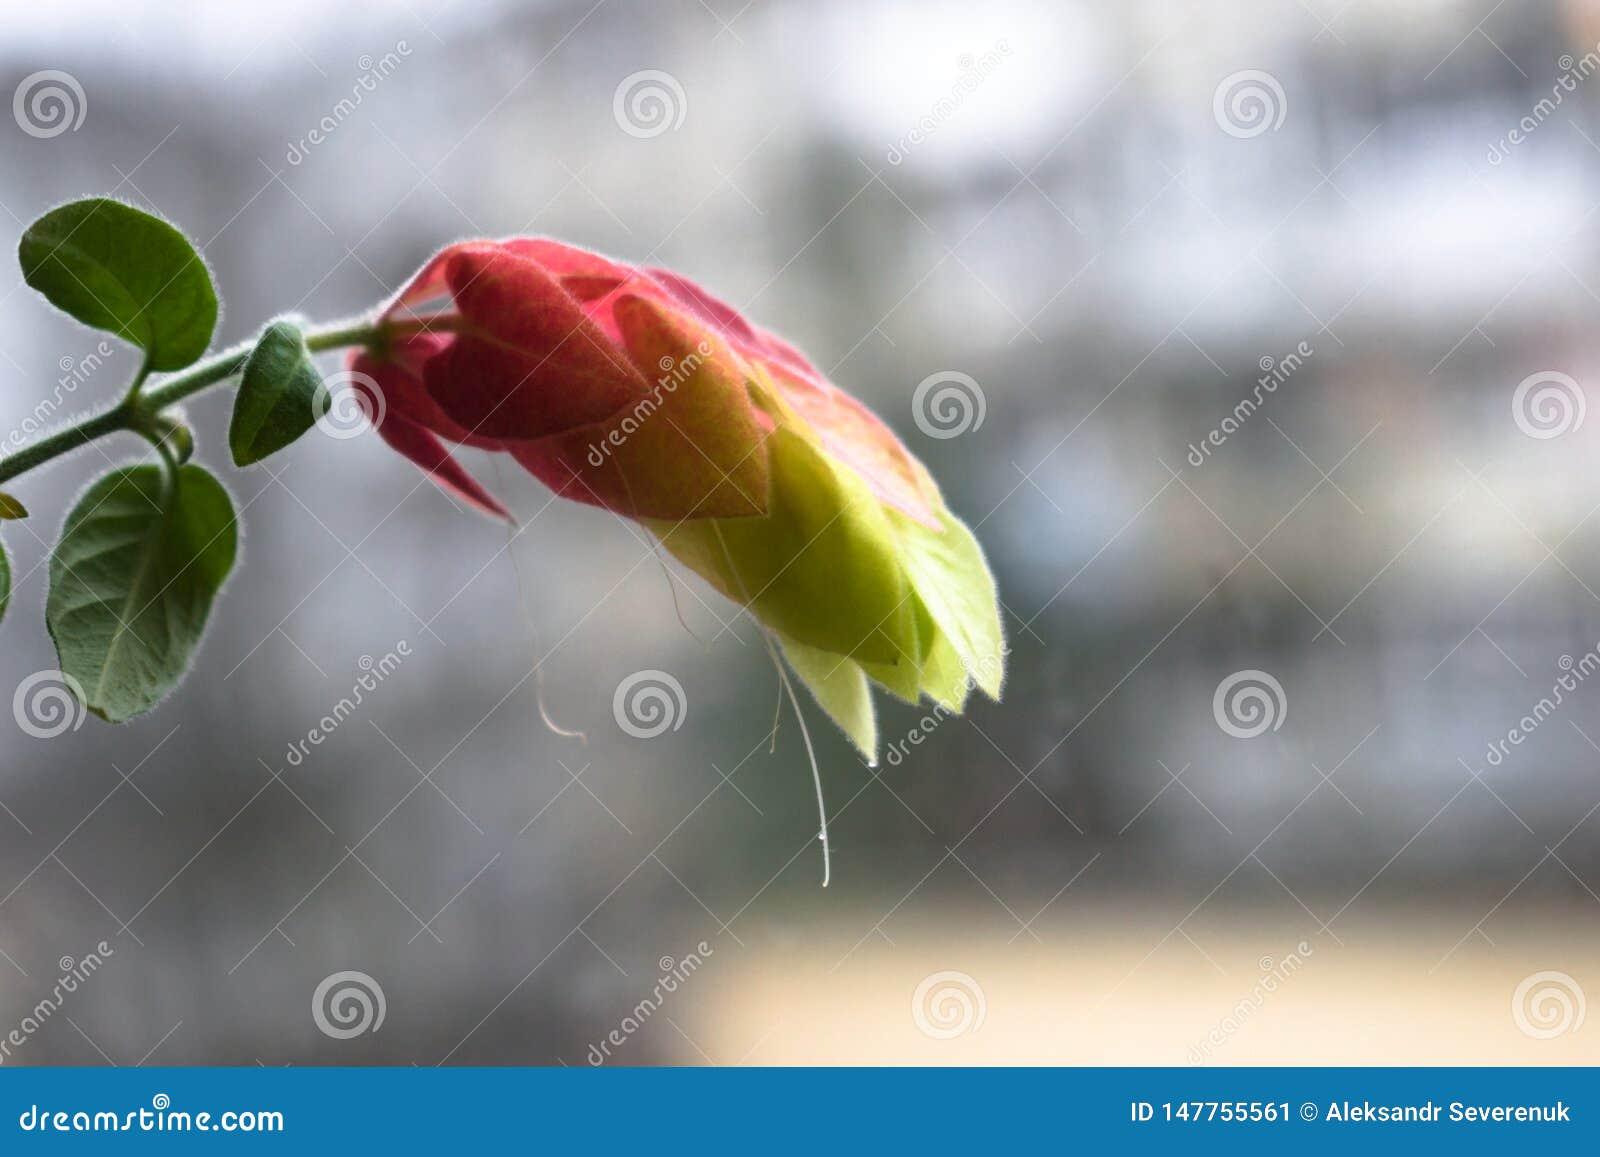 Unglaublich schöne Blume mit unscharfem Hintergrund